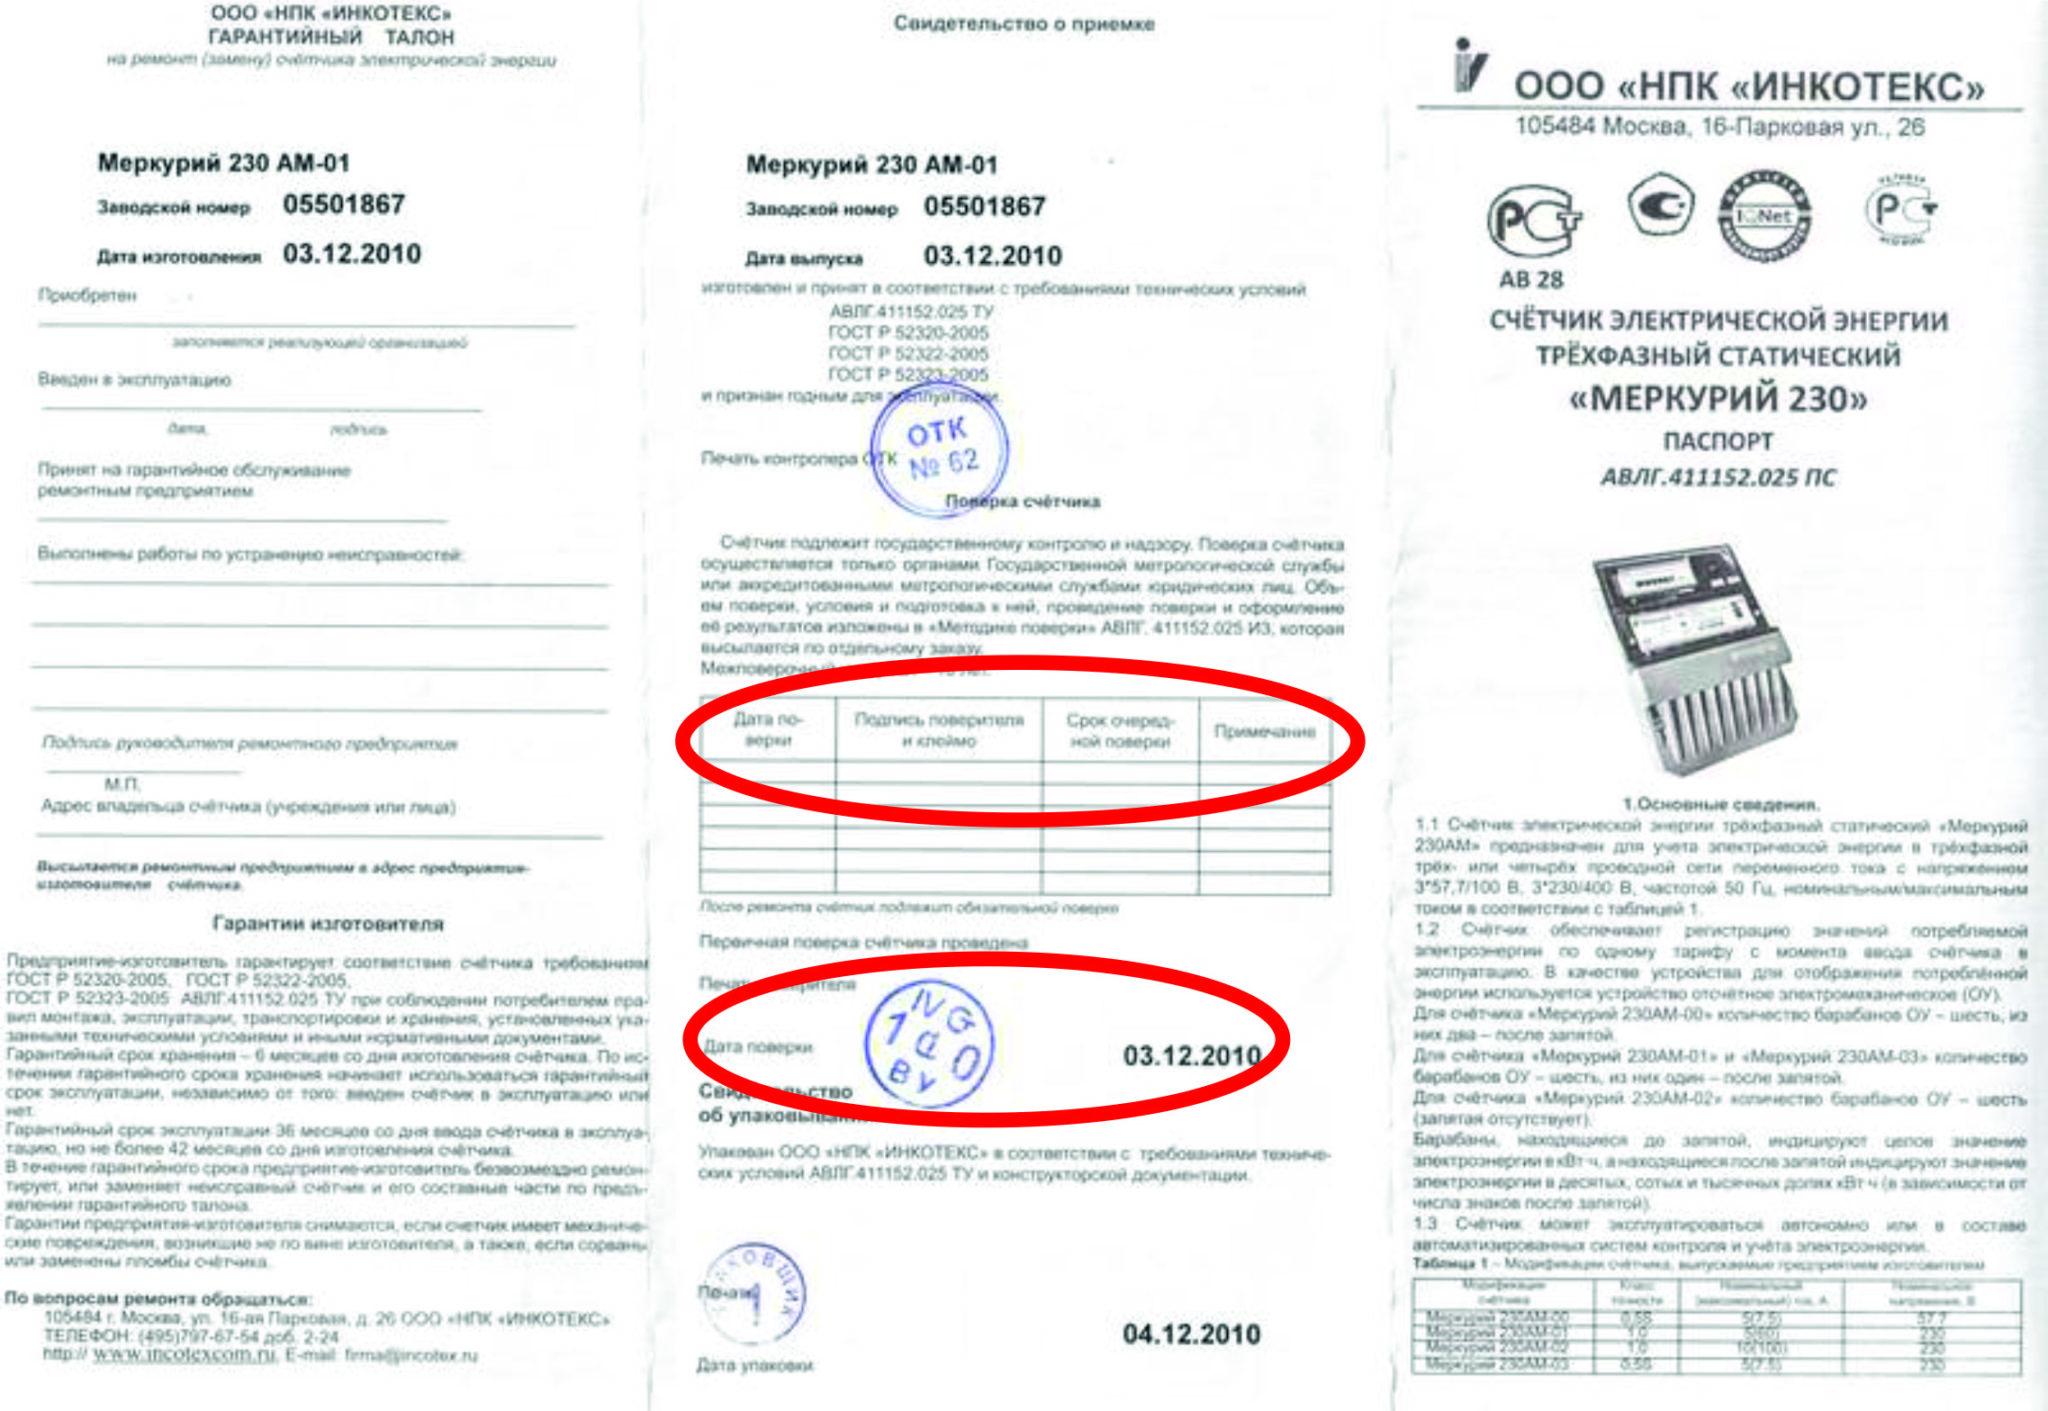 документы на ПУ с указанием поверки